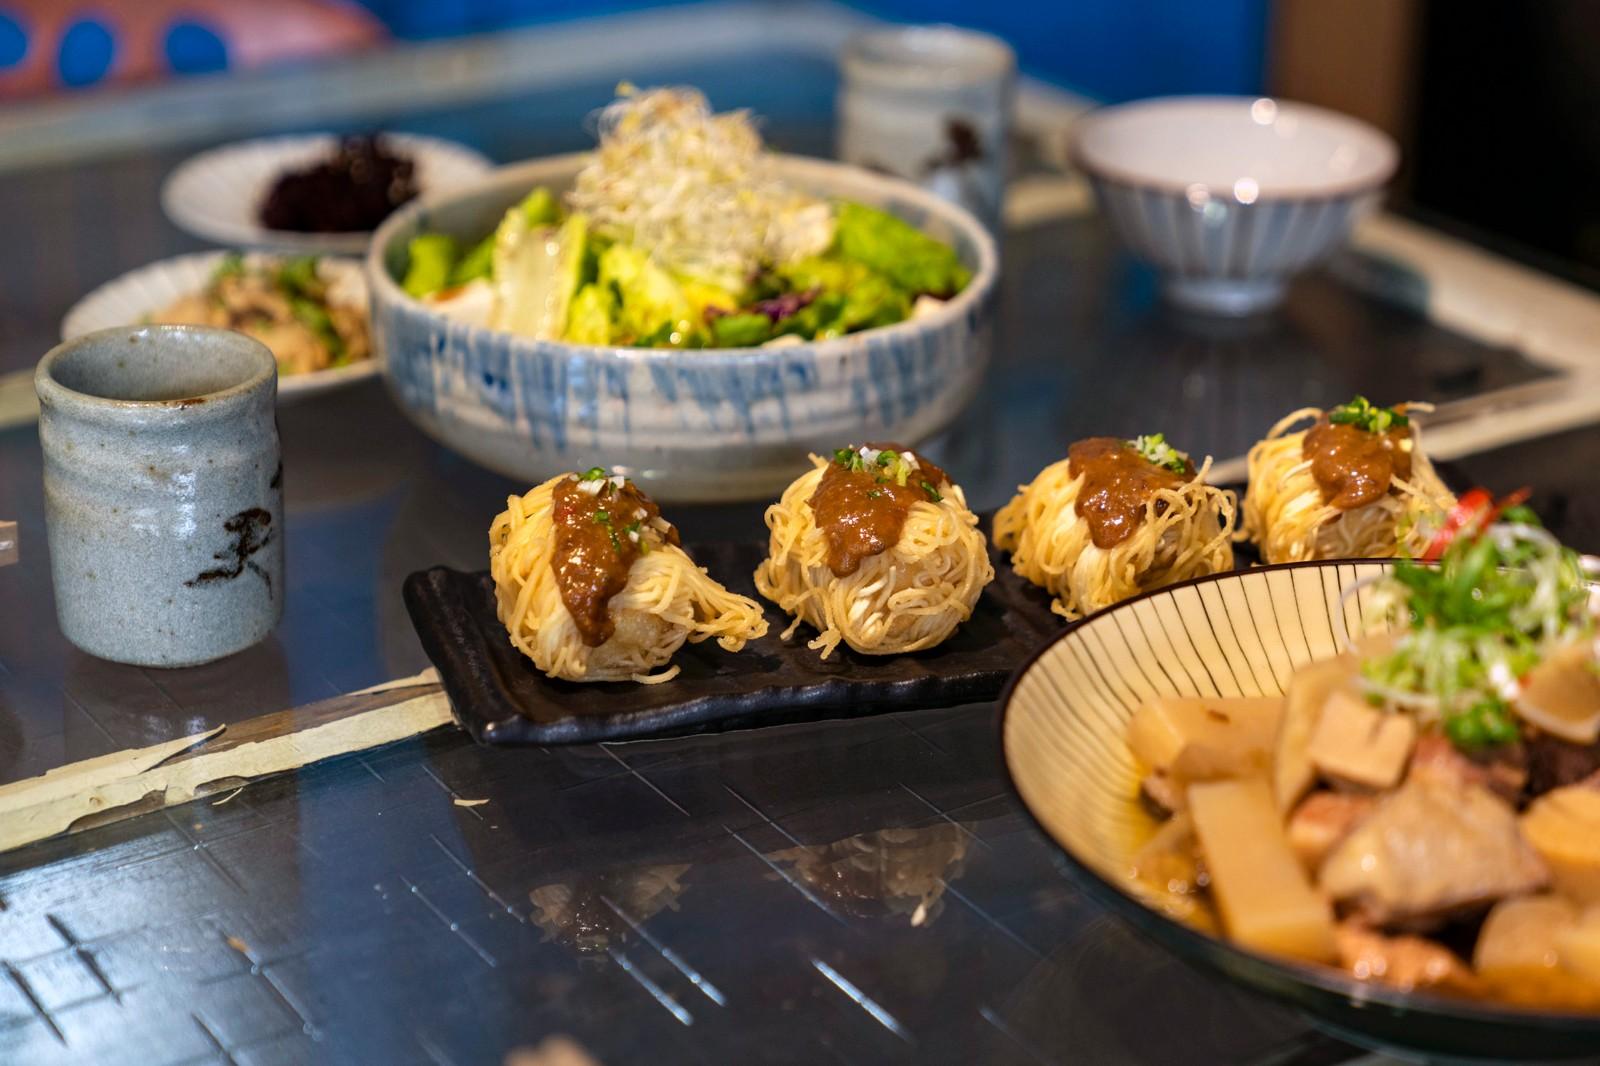 三峽老街甘樂食堂 - 大地創意料理 | 甘樂食堂 | 古厝裡的美味時光